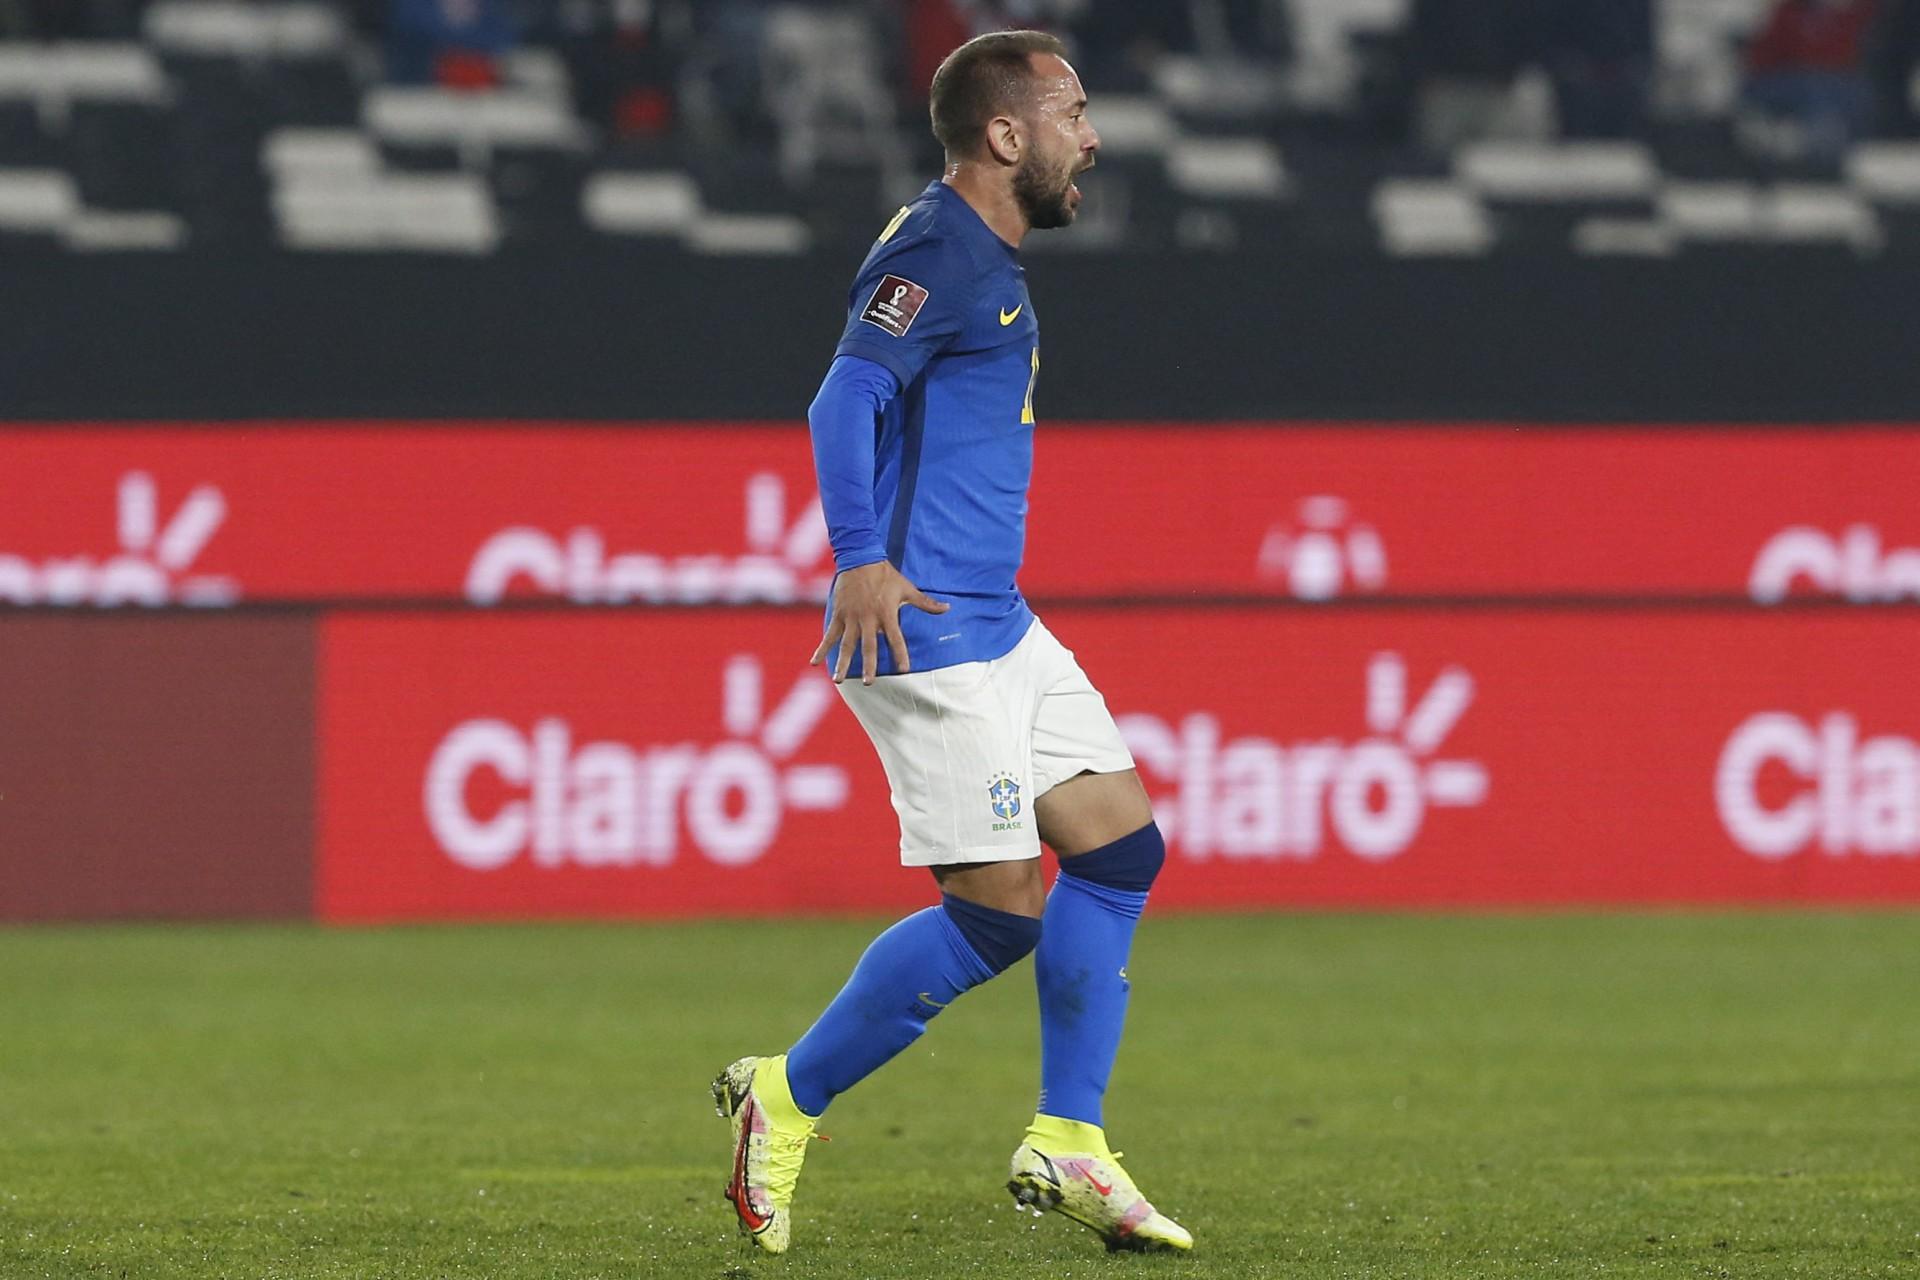 Decisivo na vitória da Seleção, Everton Ribeiro comemora sequência positiva: 'Marca para a história'